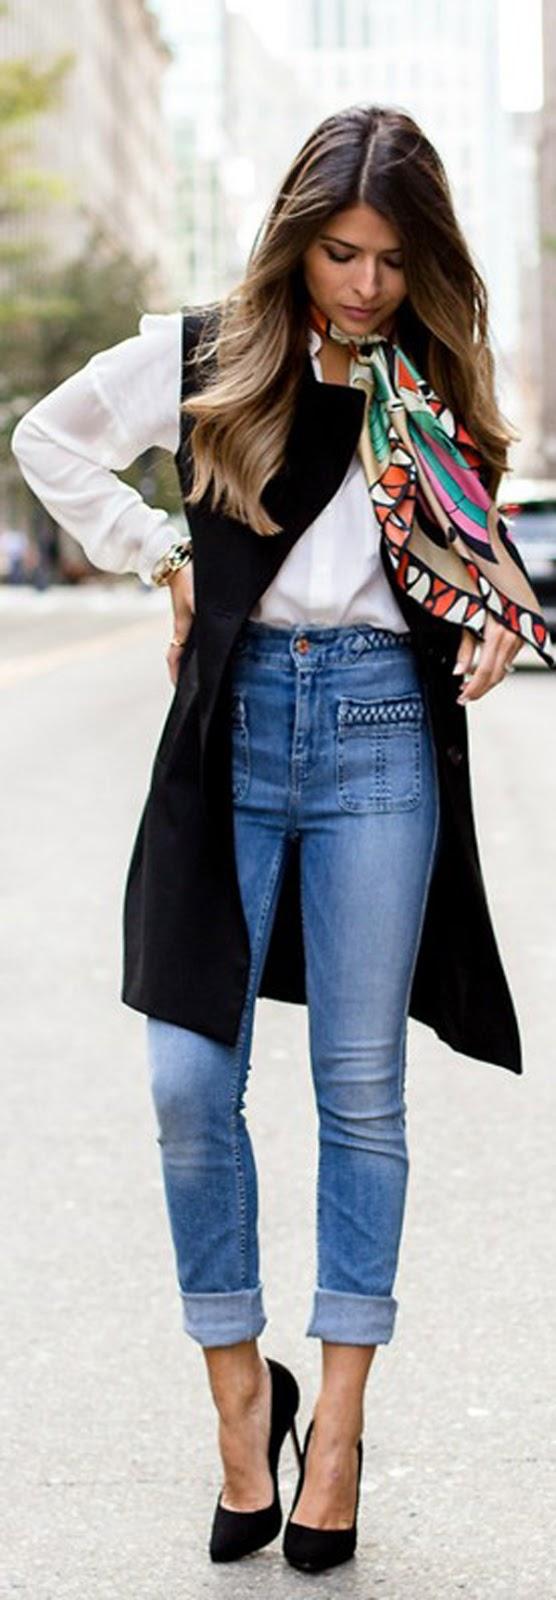 skinny jeans + vest